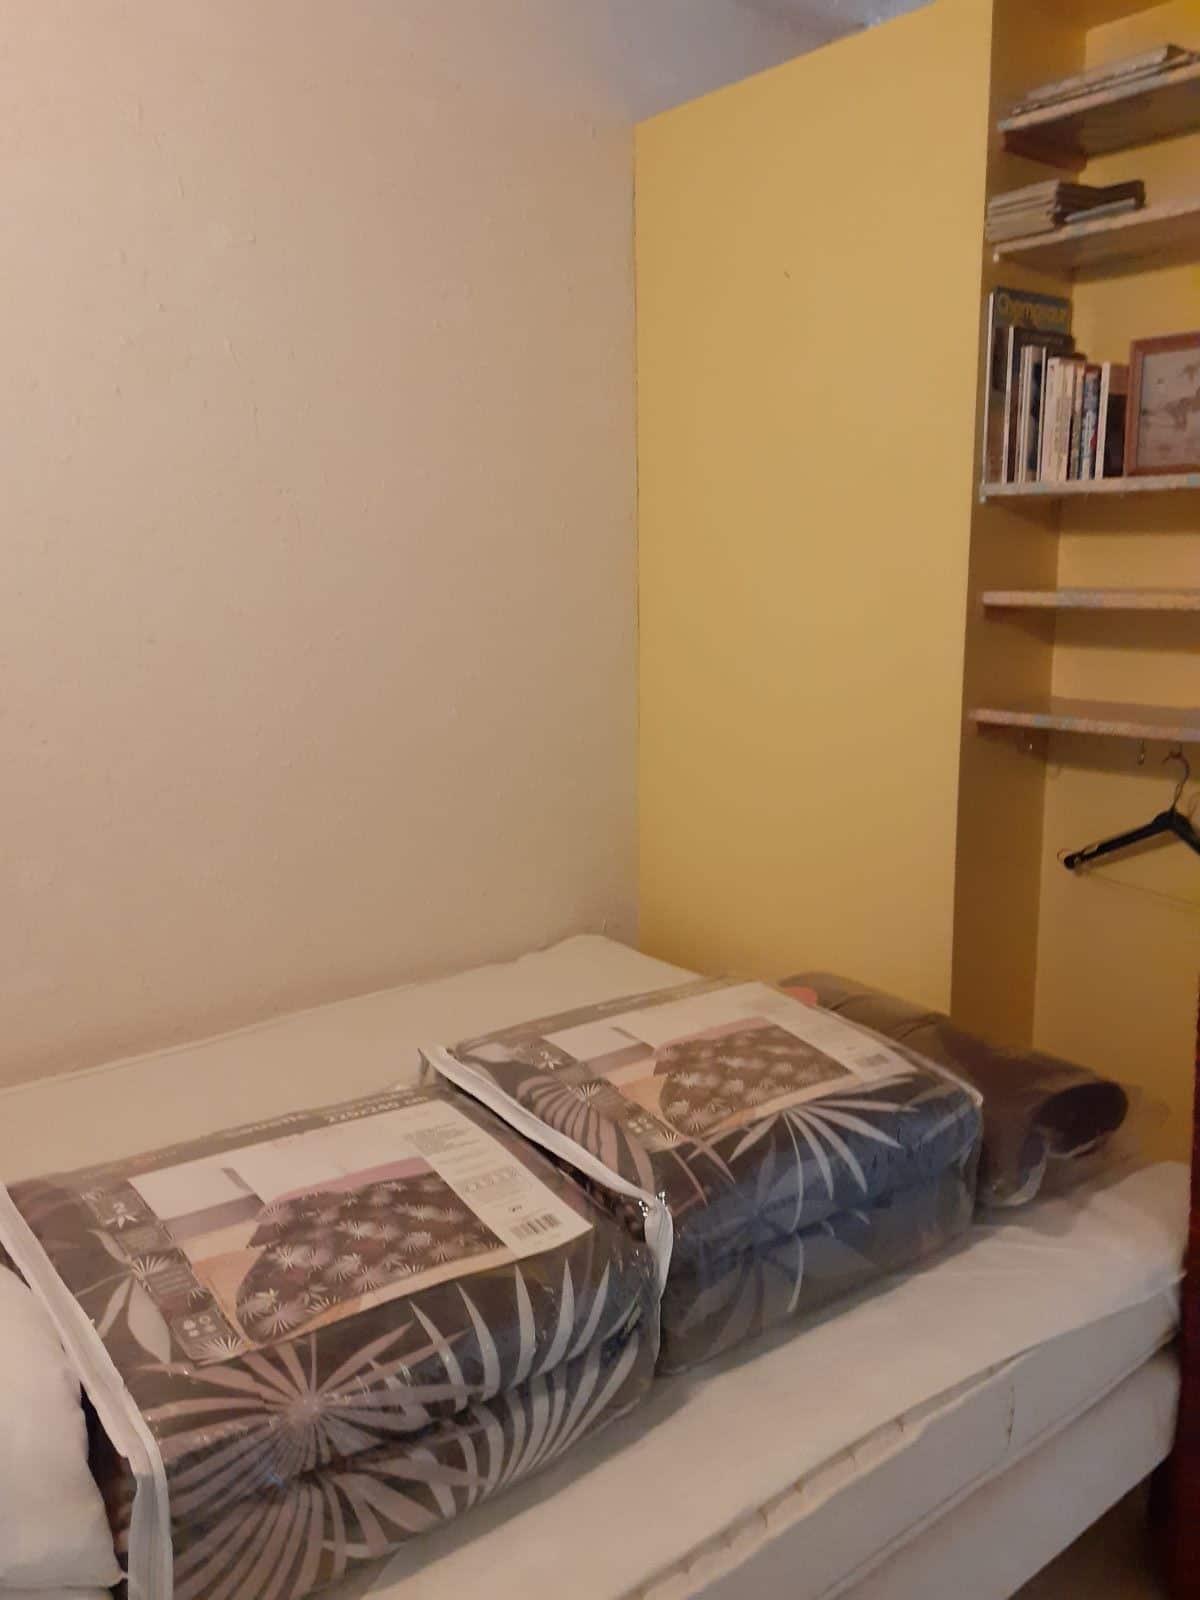 20201214 161140 - ANCELLE STUDIO DE 27 m² ( 5 COUCHAGES) AVEC BALCON